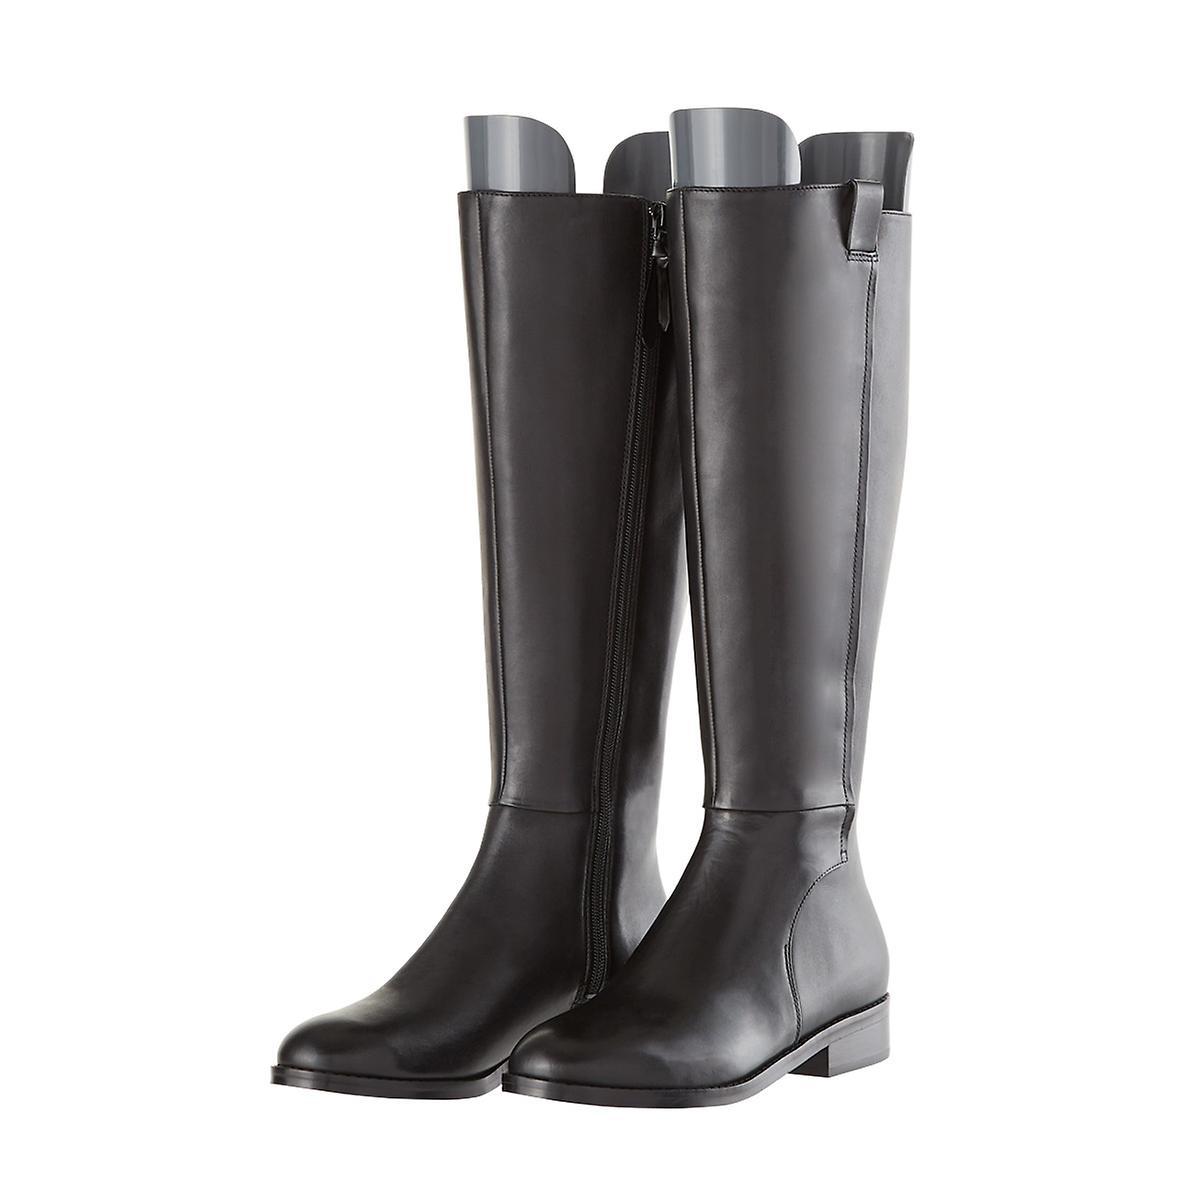 4f4f1b5e7cc Tall Grey Boot Shapers